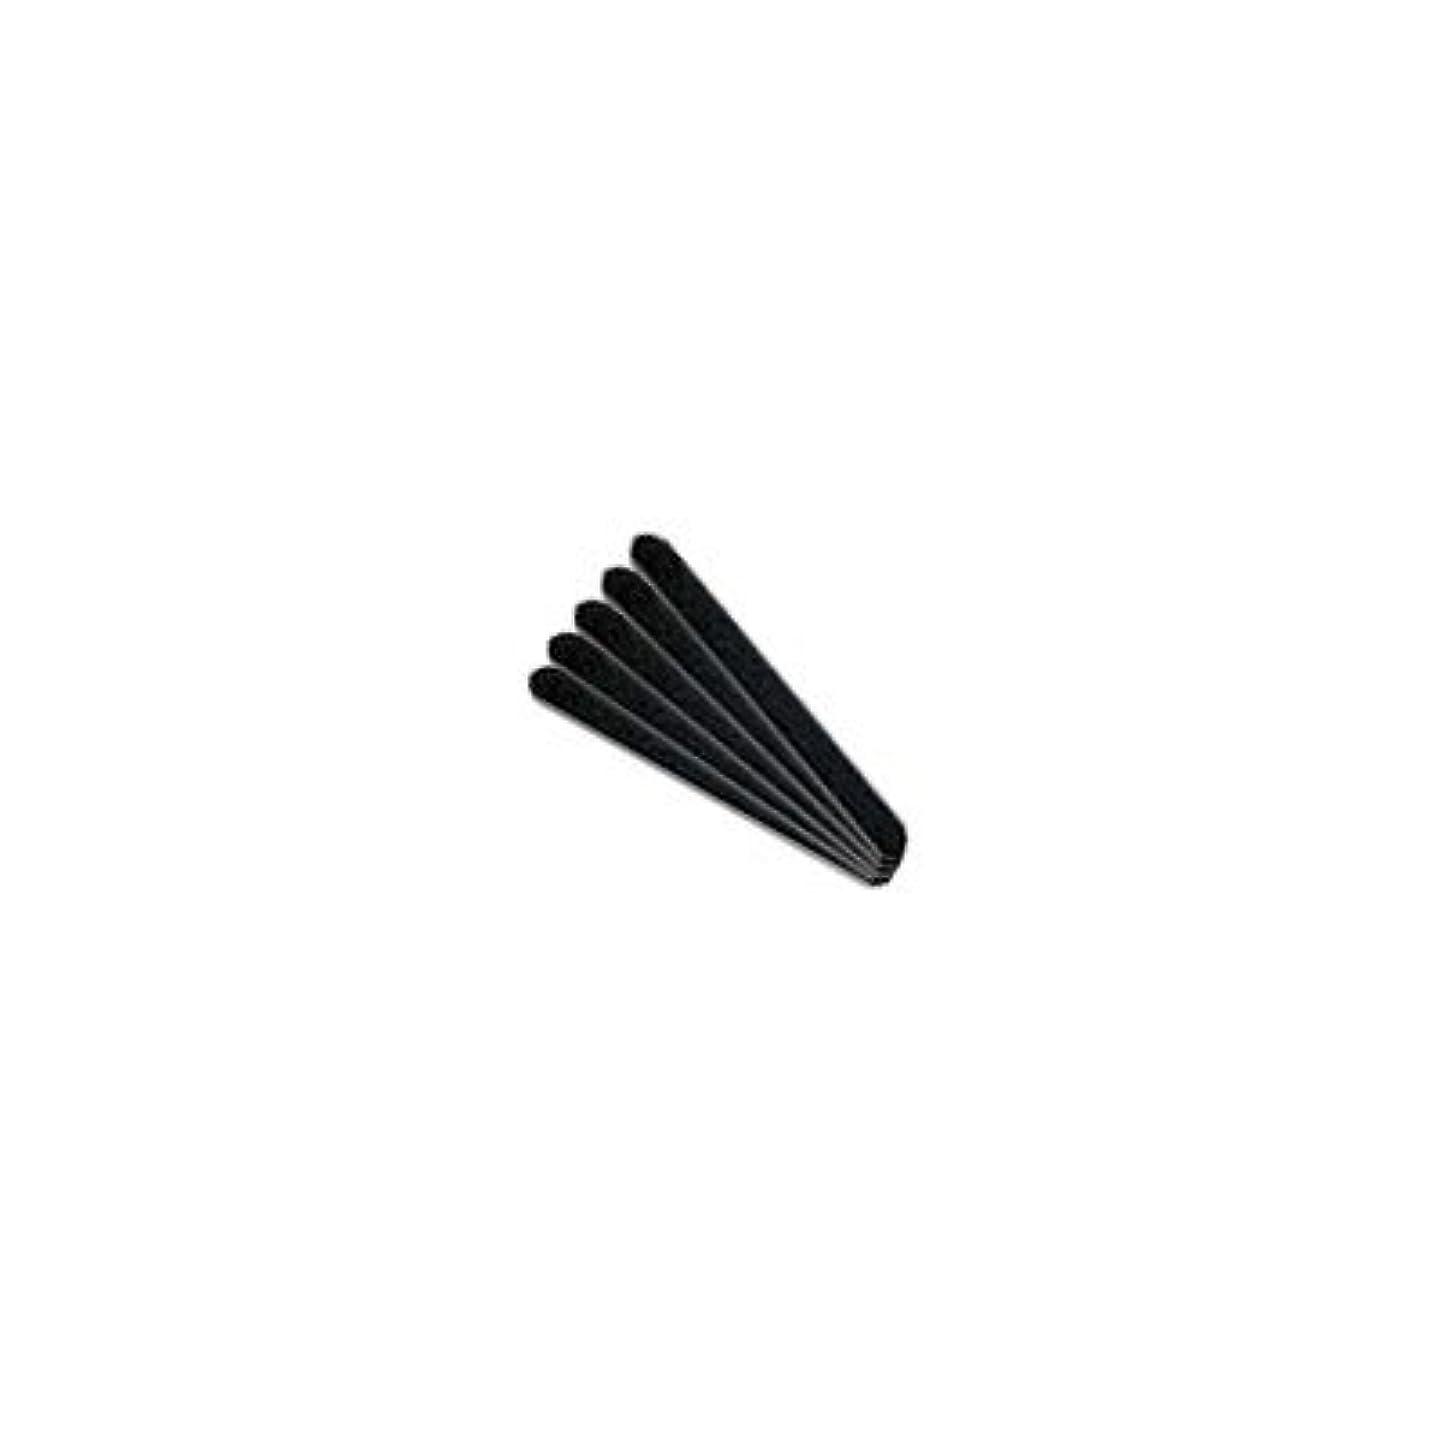 宿るゴム溝フラワリー ブラックエメリー 180/180G 5本入